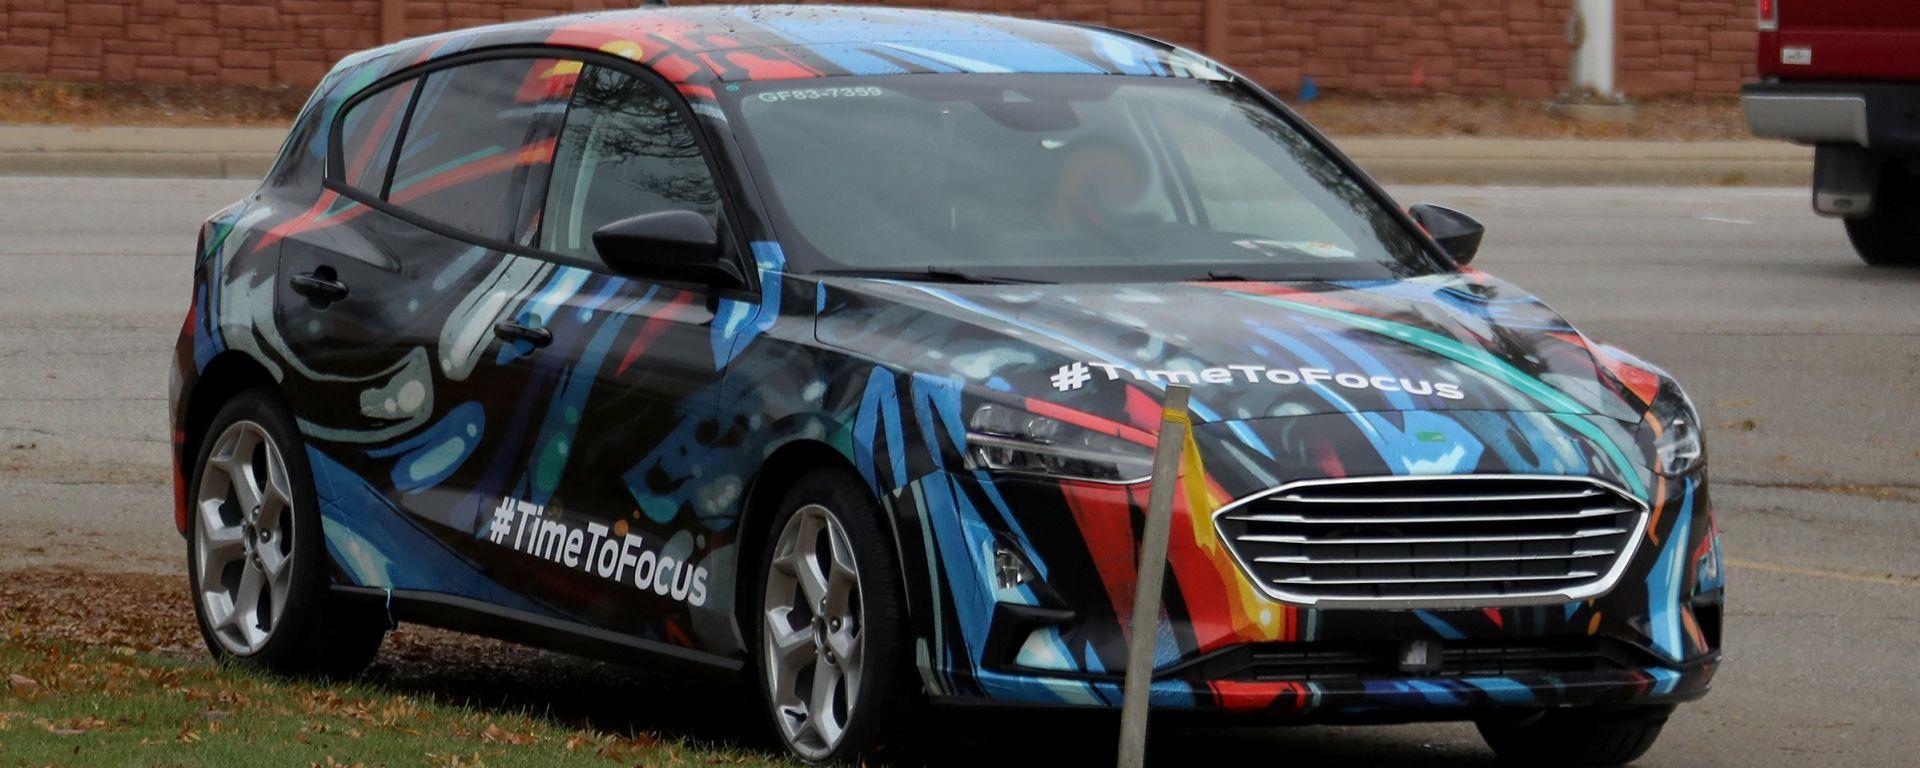 Nuova Ford Focus: le foto-spia della hatchback